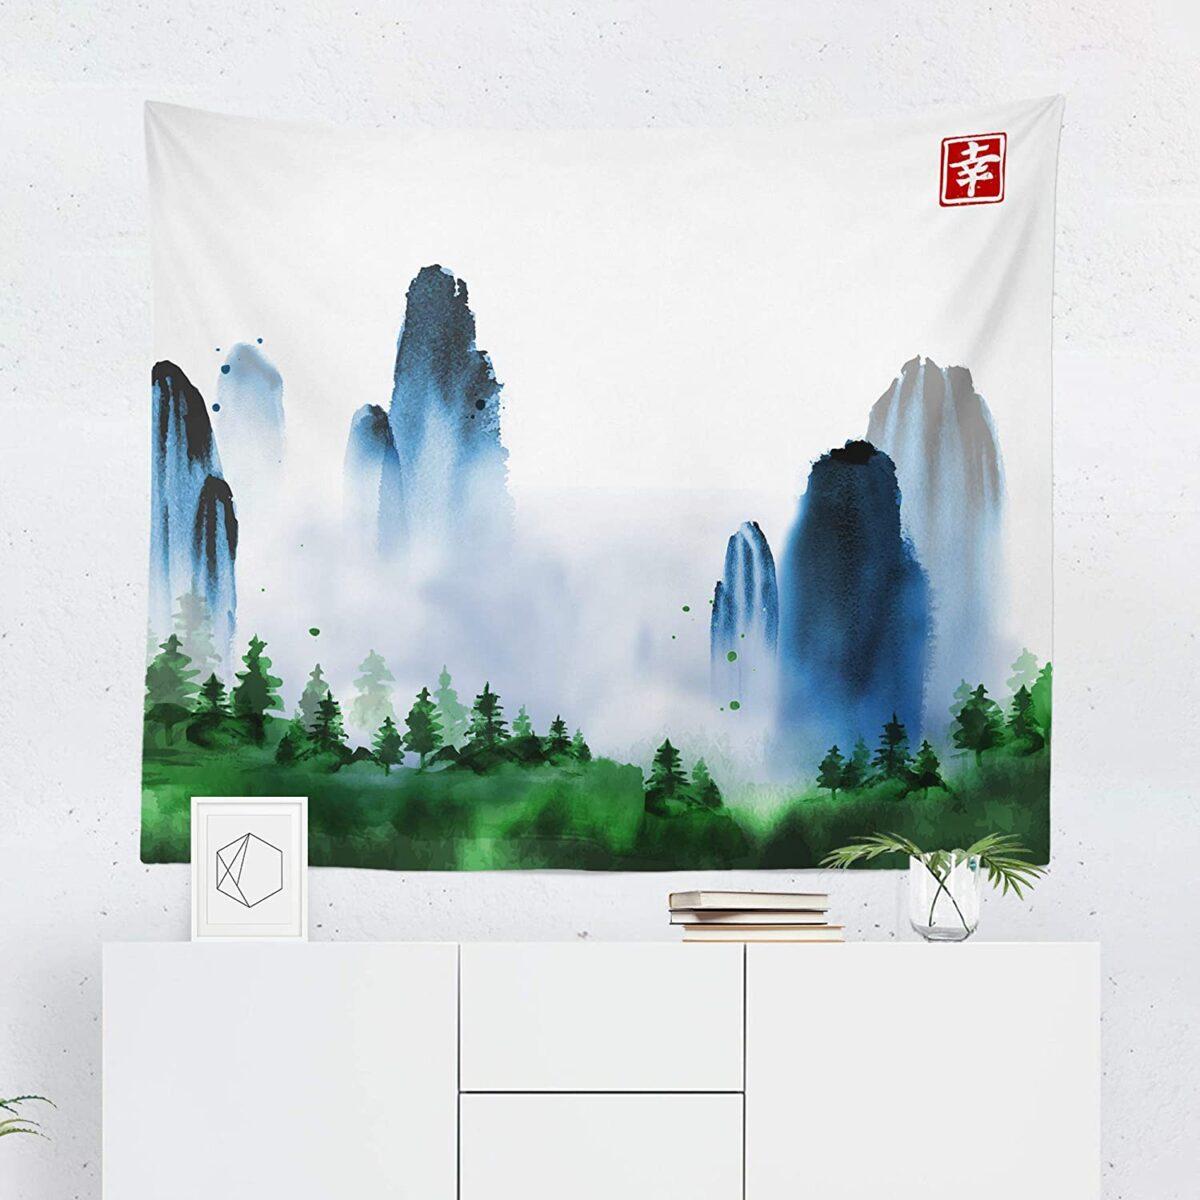 quadri-stile-orientale4